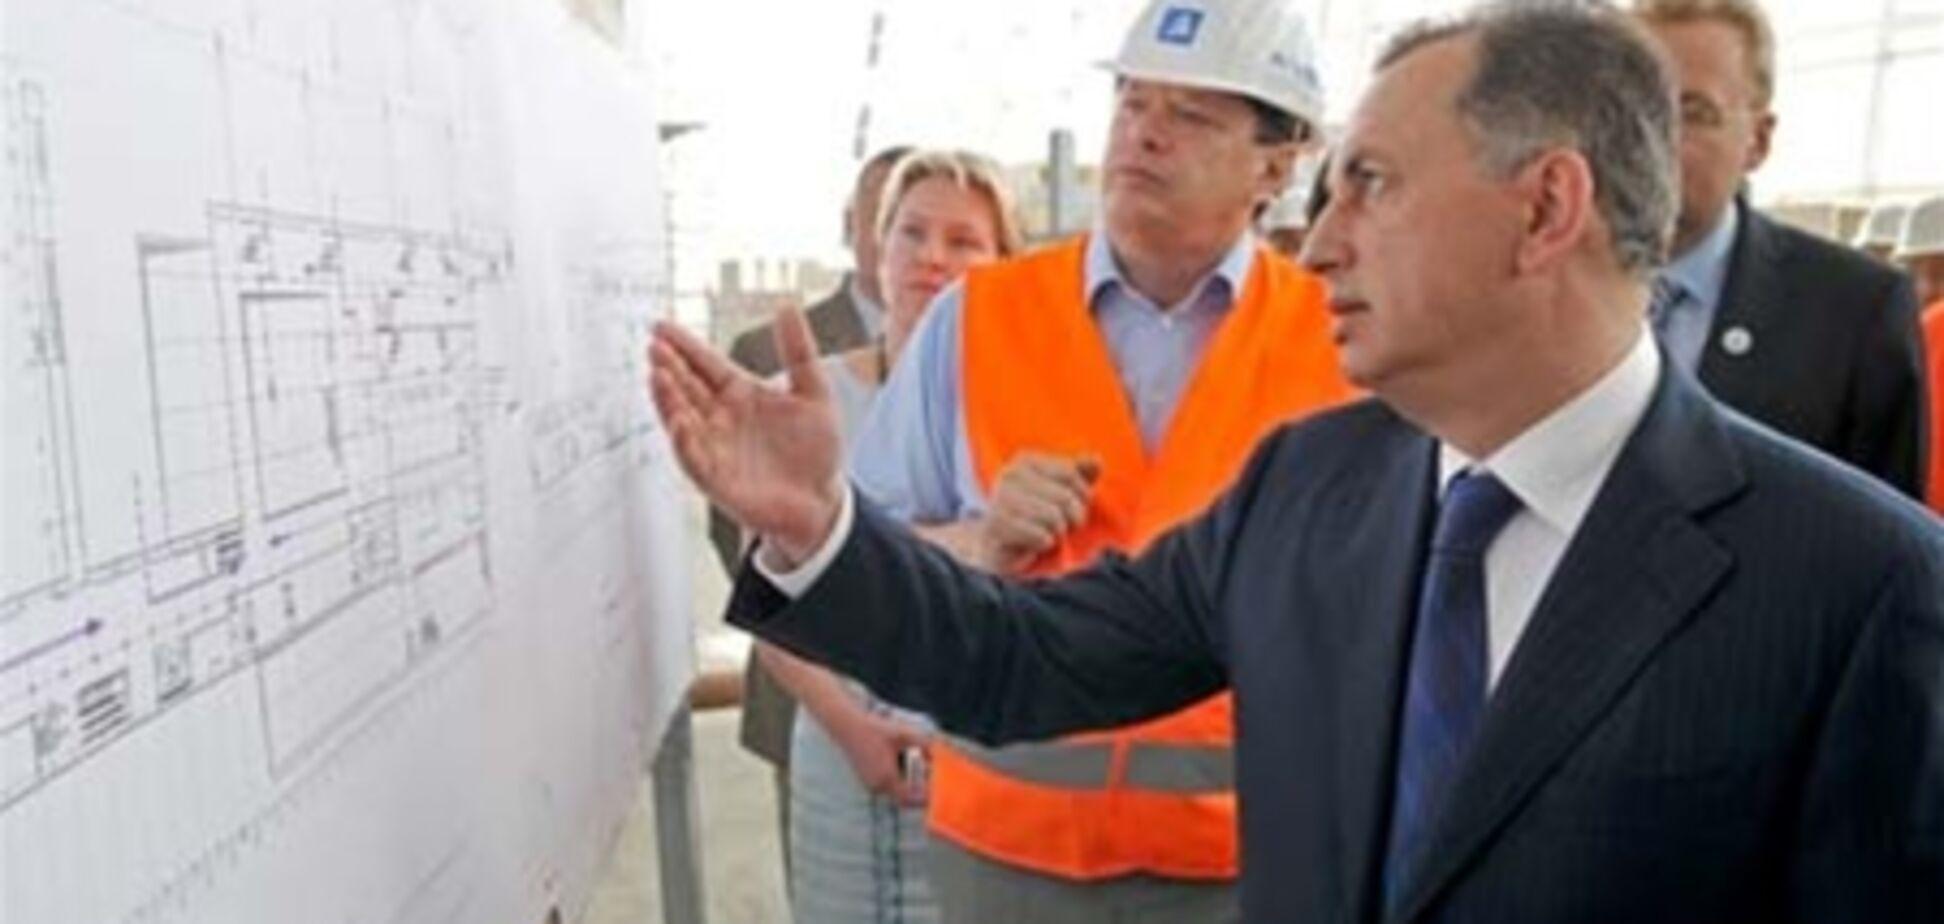 Україна в підготовці до Євро-2012 орієнтується на світові стандарти - Колесніков